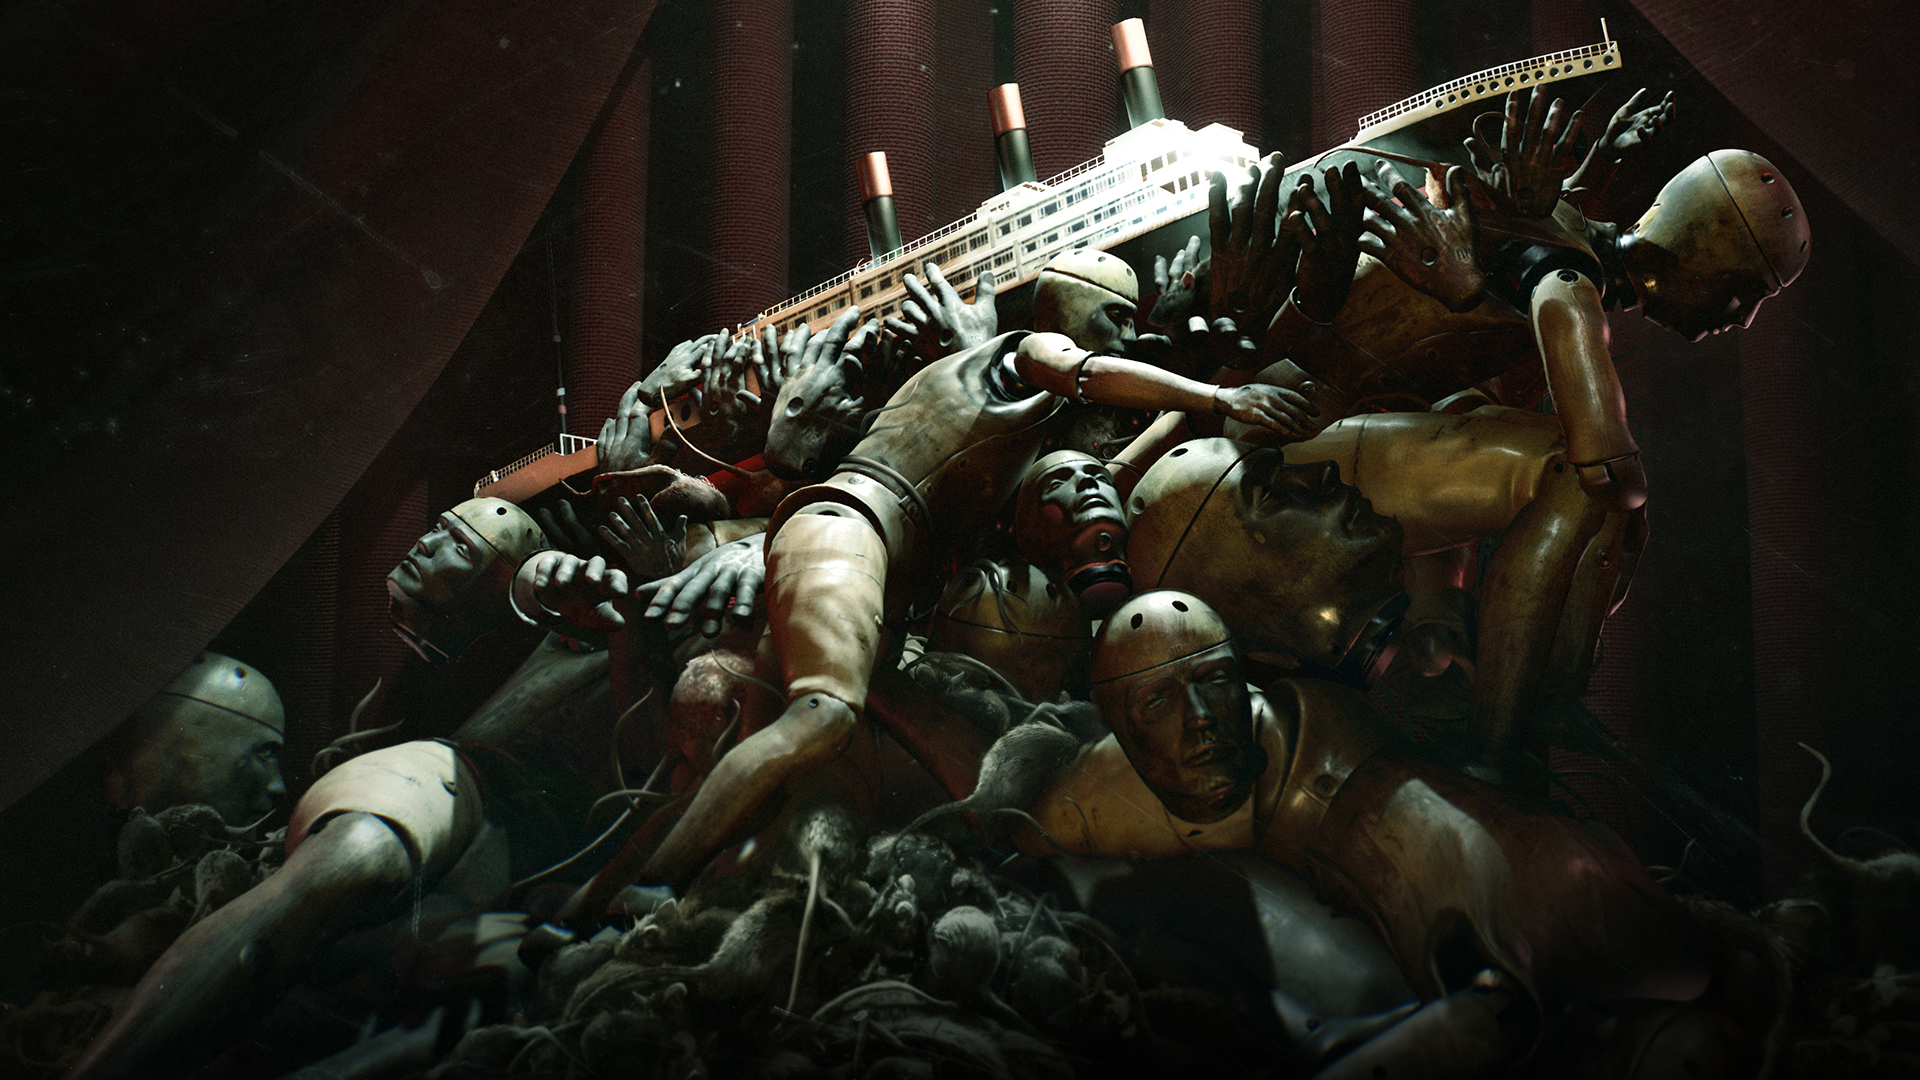 《层层恐惧2》Steam特别好评 玩家呼吁加入中文